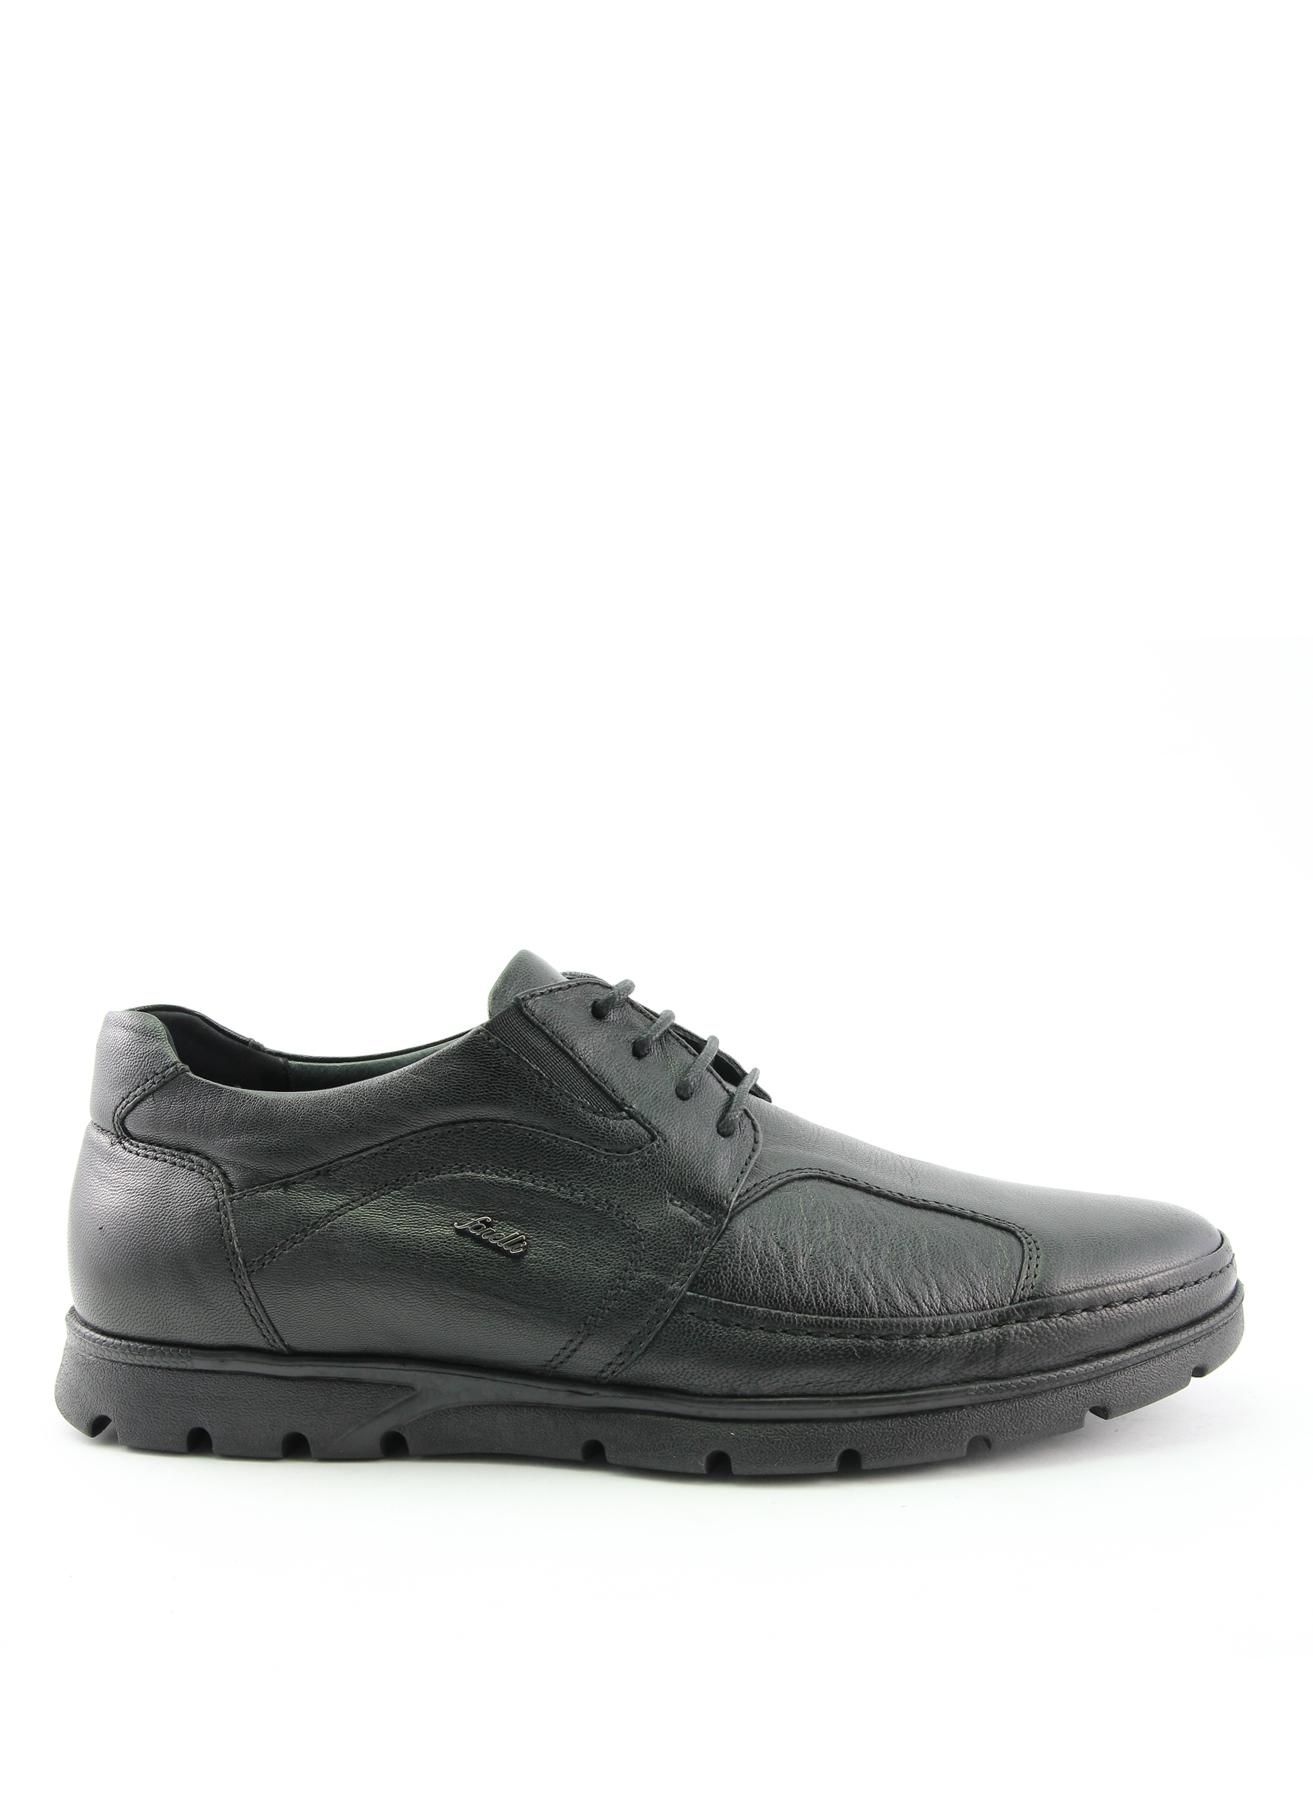 Forelli Günlük Ayakkabı 42 5000217289003 Ürün Resmi